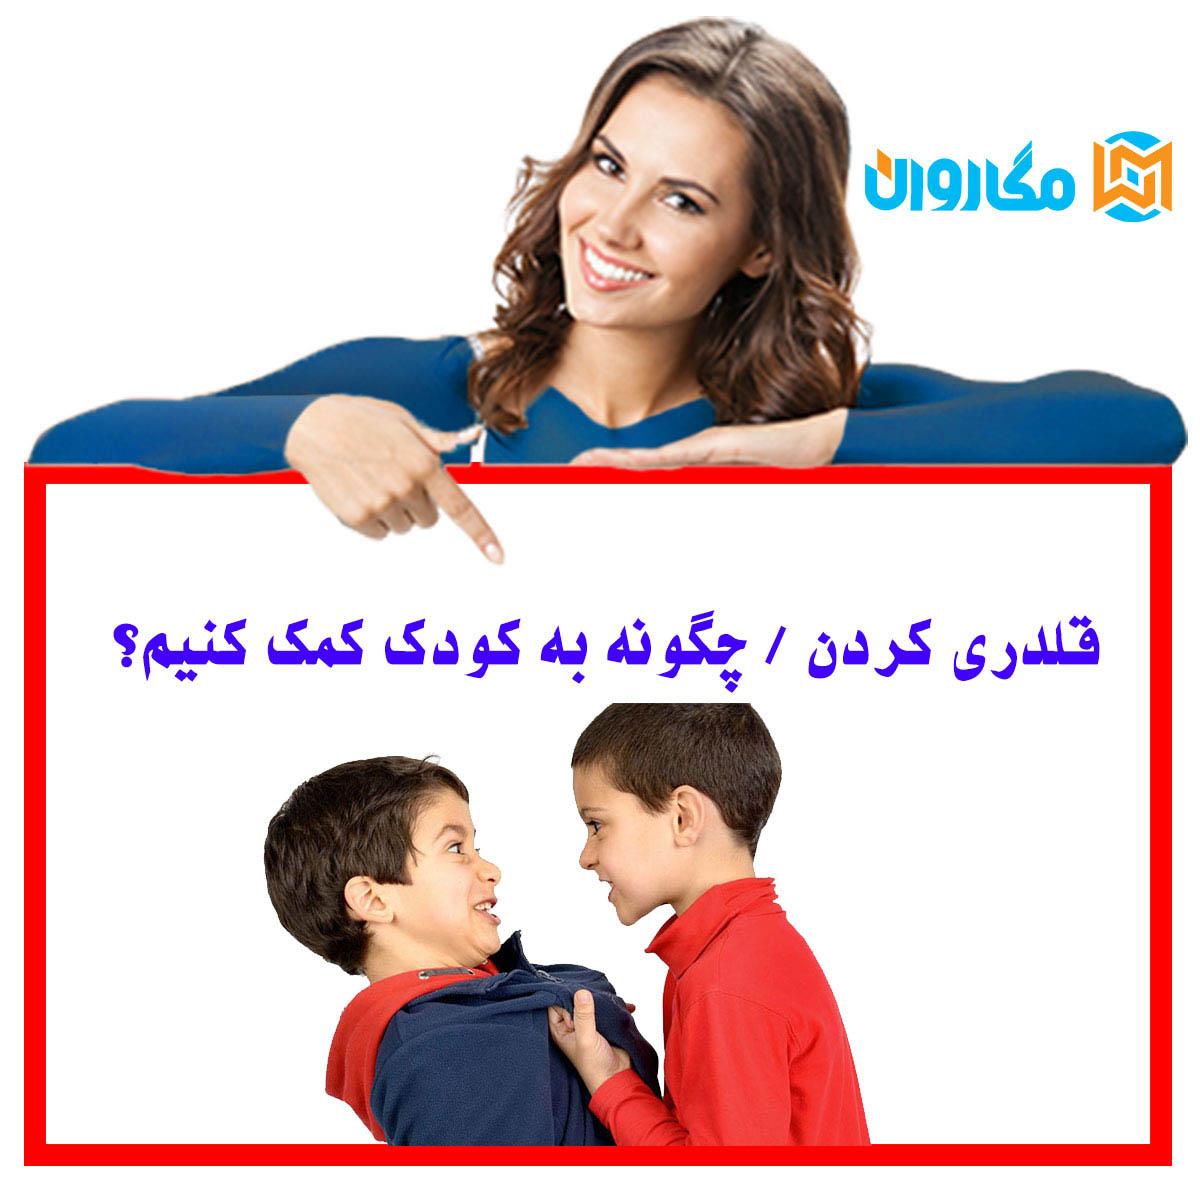 قلدری کردن / چگونه به کودک کمک کنیم؟